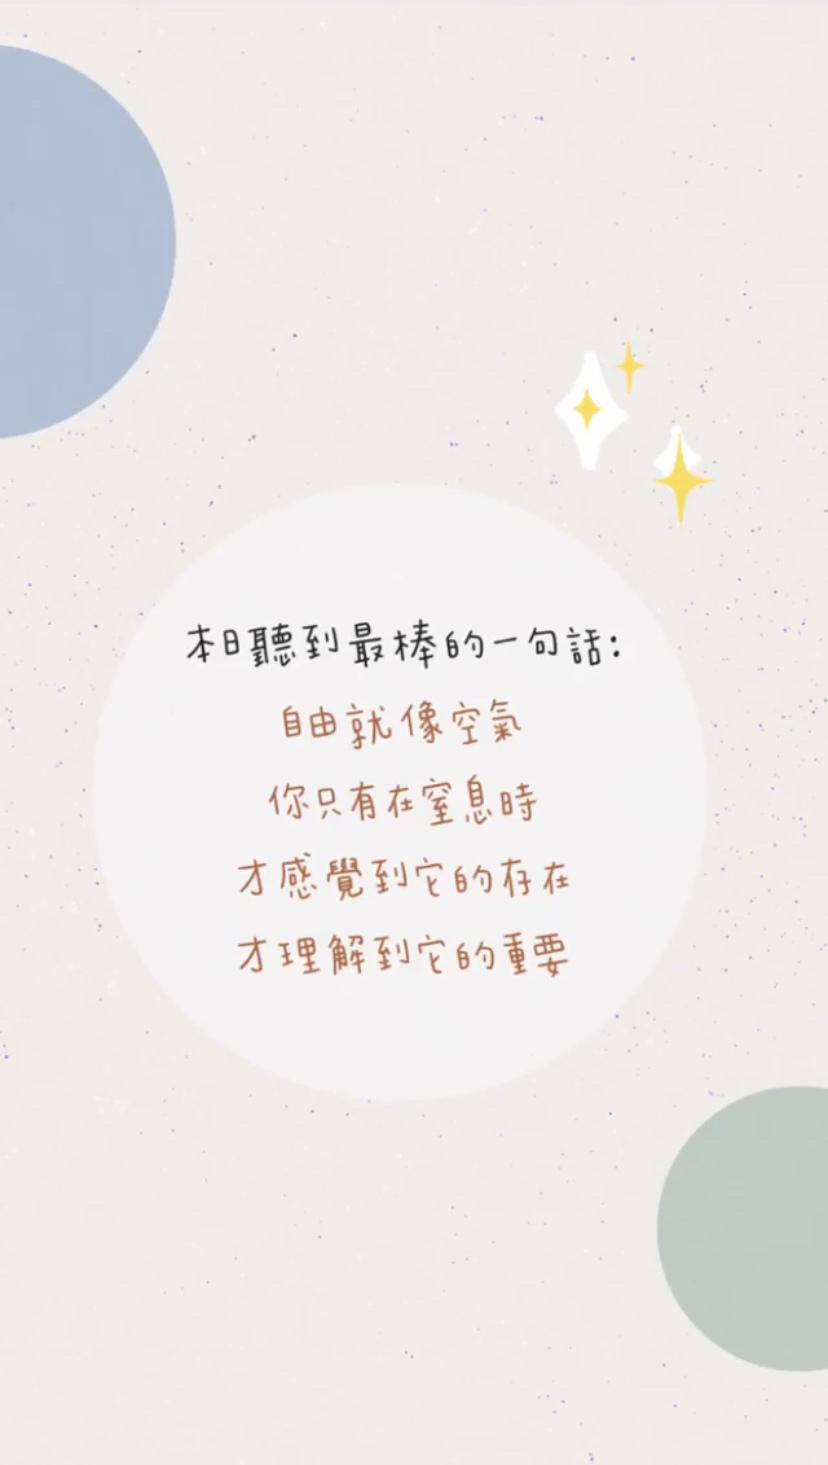 IG限時動態app.jpg